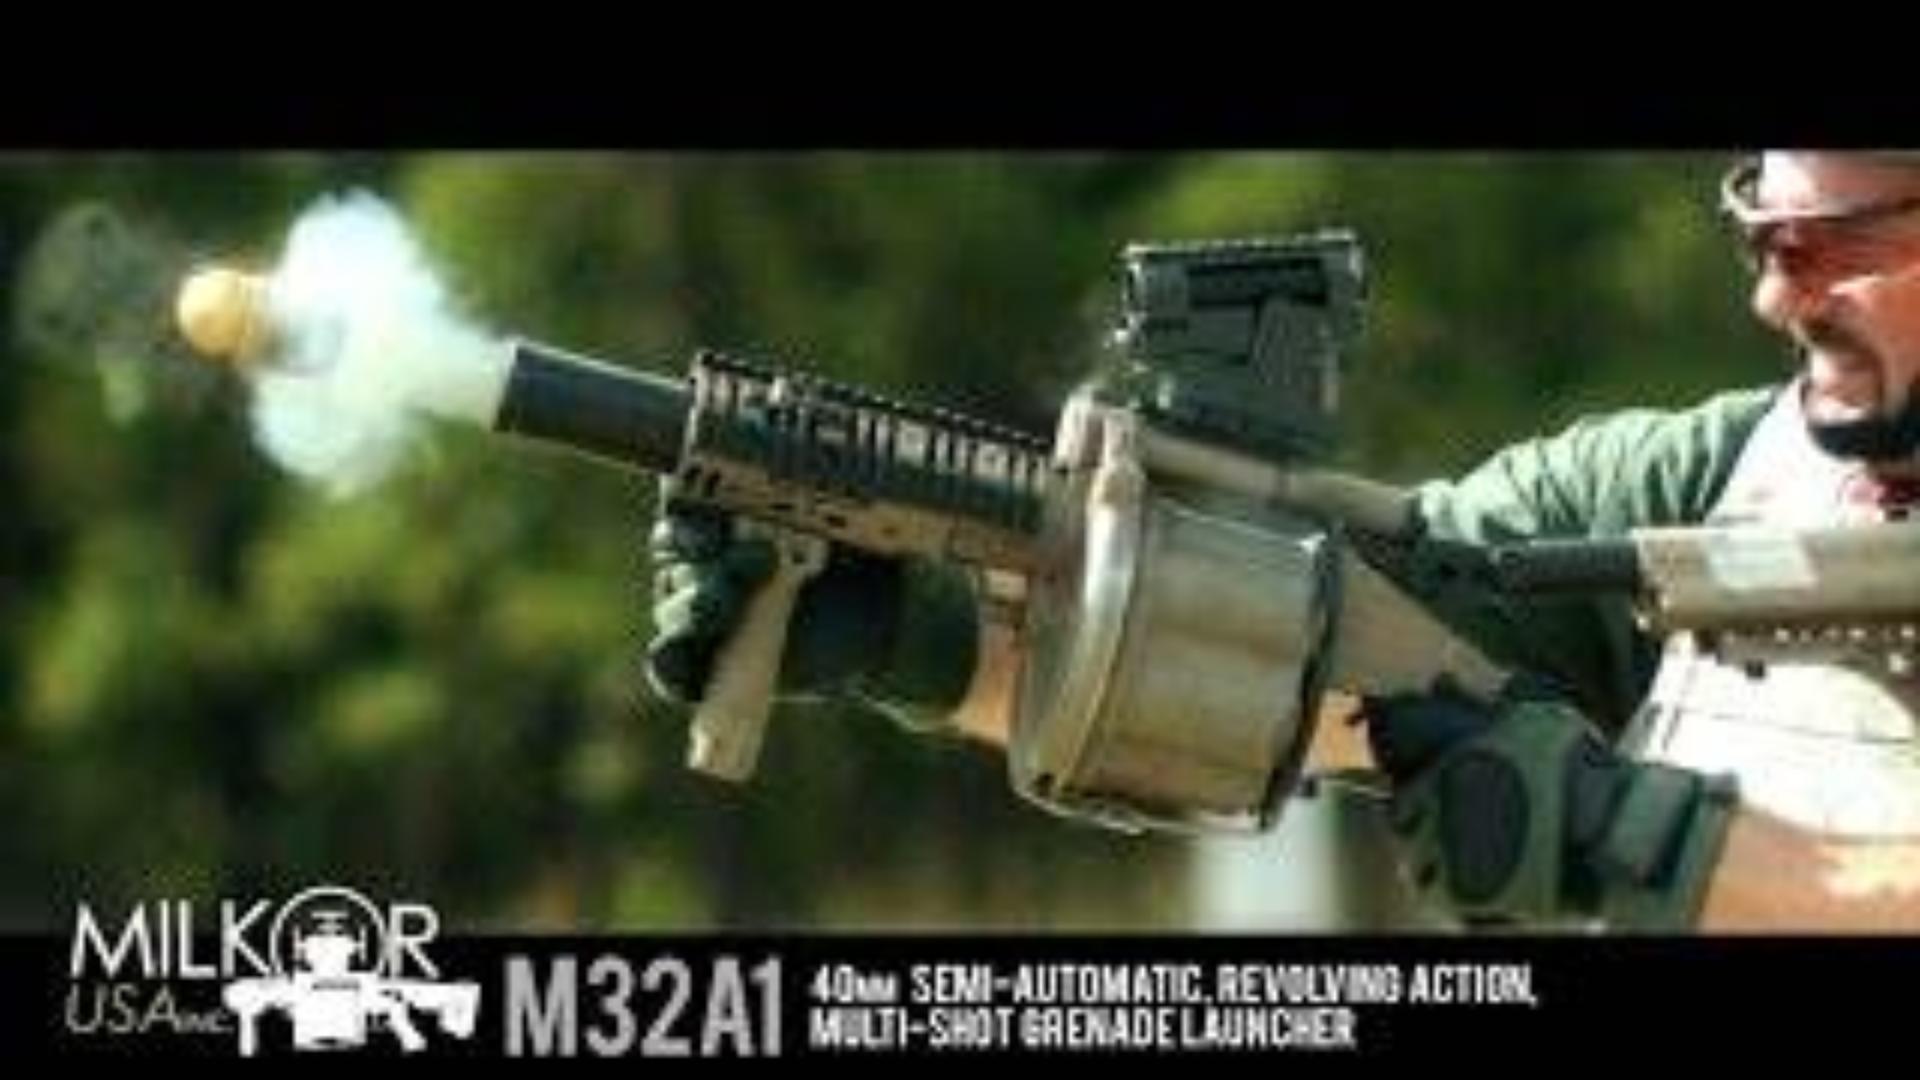 【搬运/已加工字幕】米尔科姆M32A1转轮式榴弹发射器